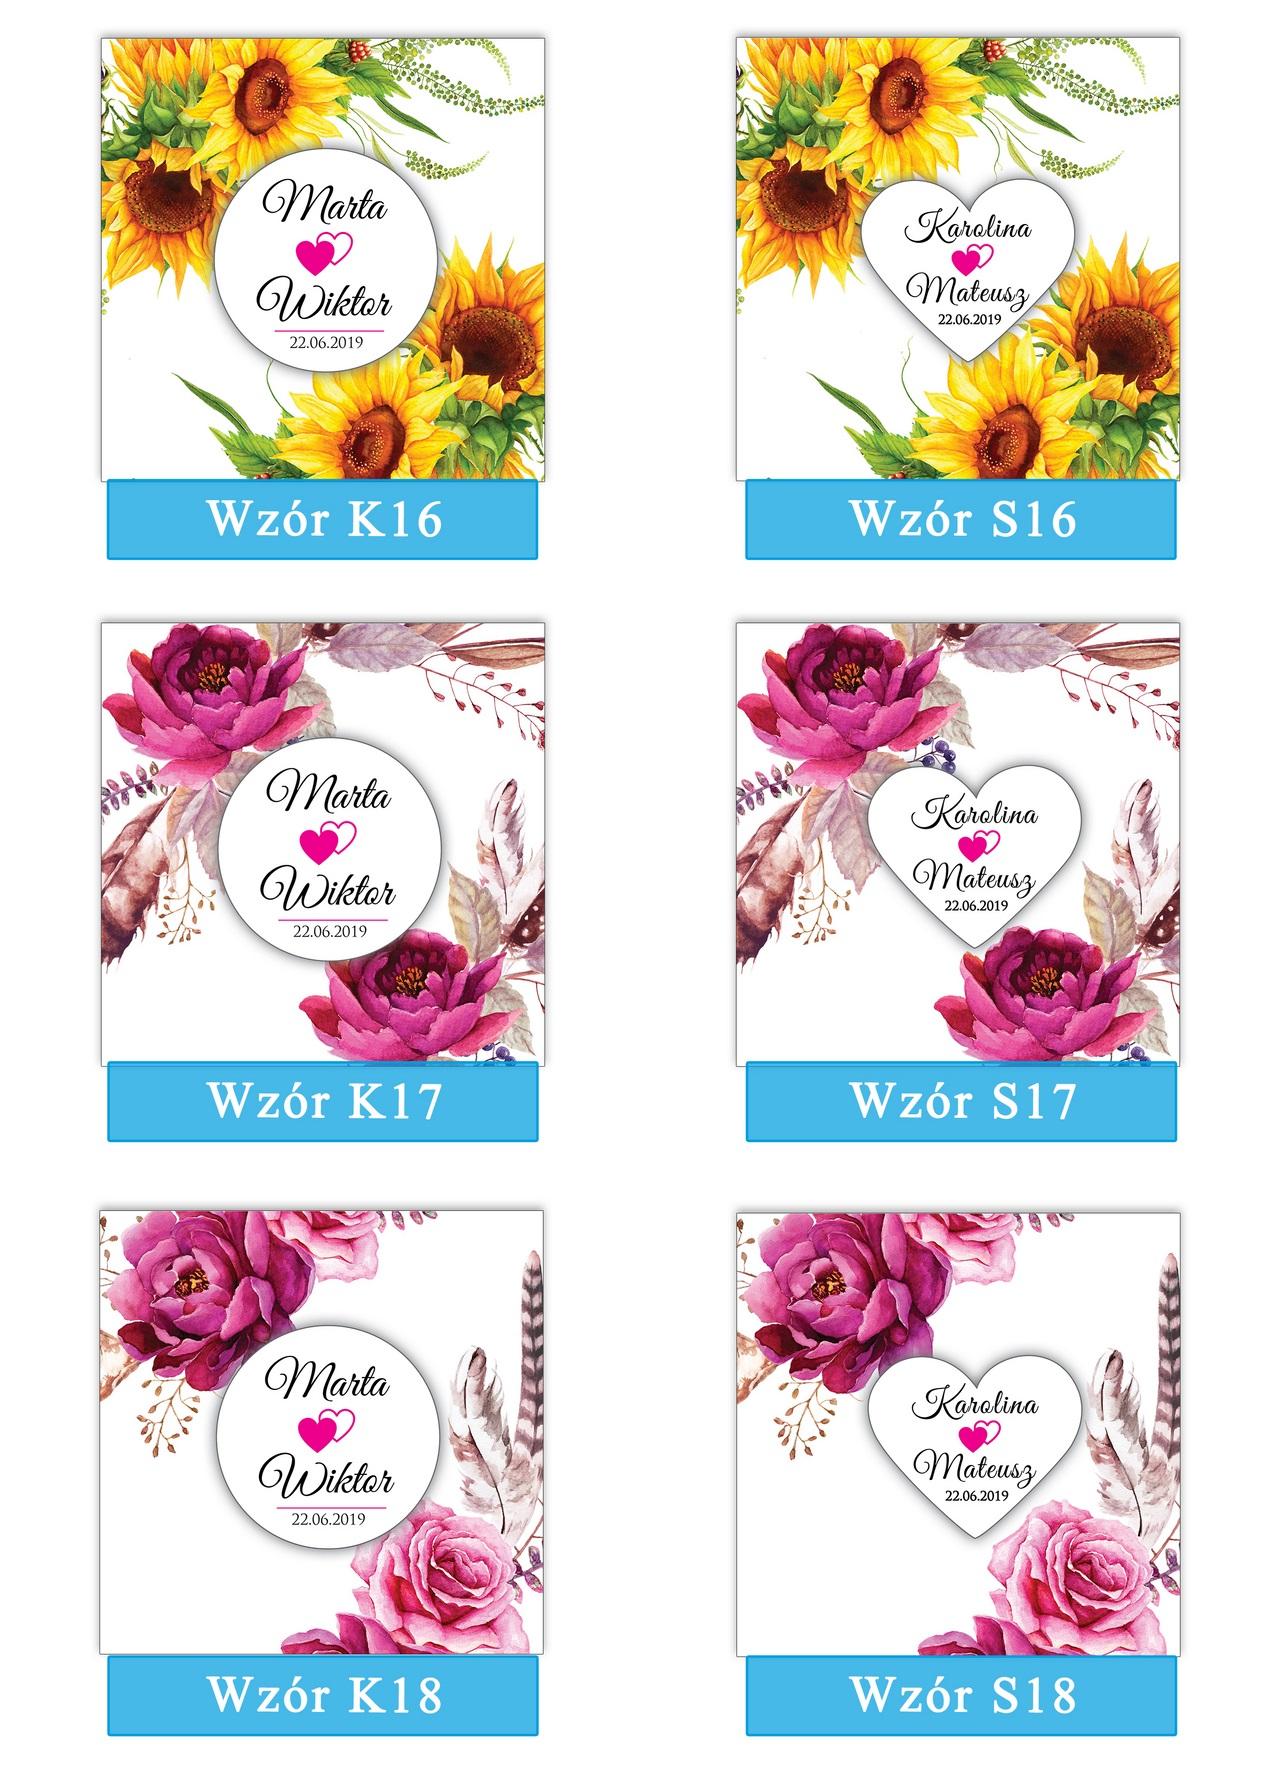 zaproszenia-ślubne-boho-rustykalne-kwiatowe-Nikola-ze-wstążką-kwiaty boho-plansza-wzory16-18